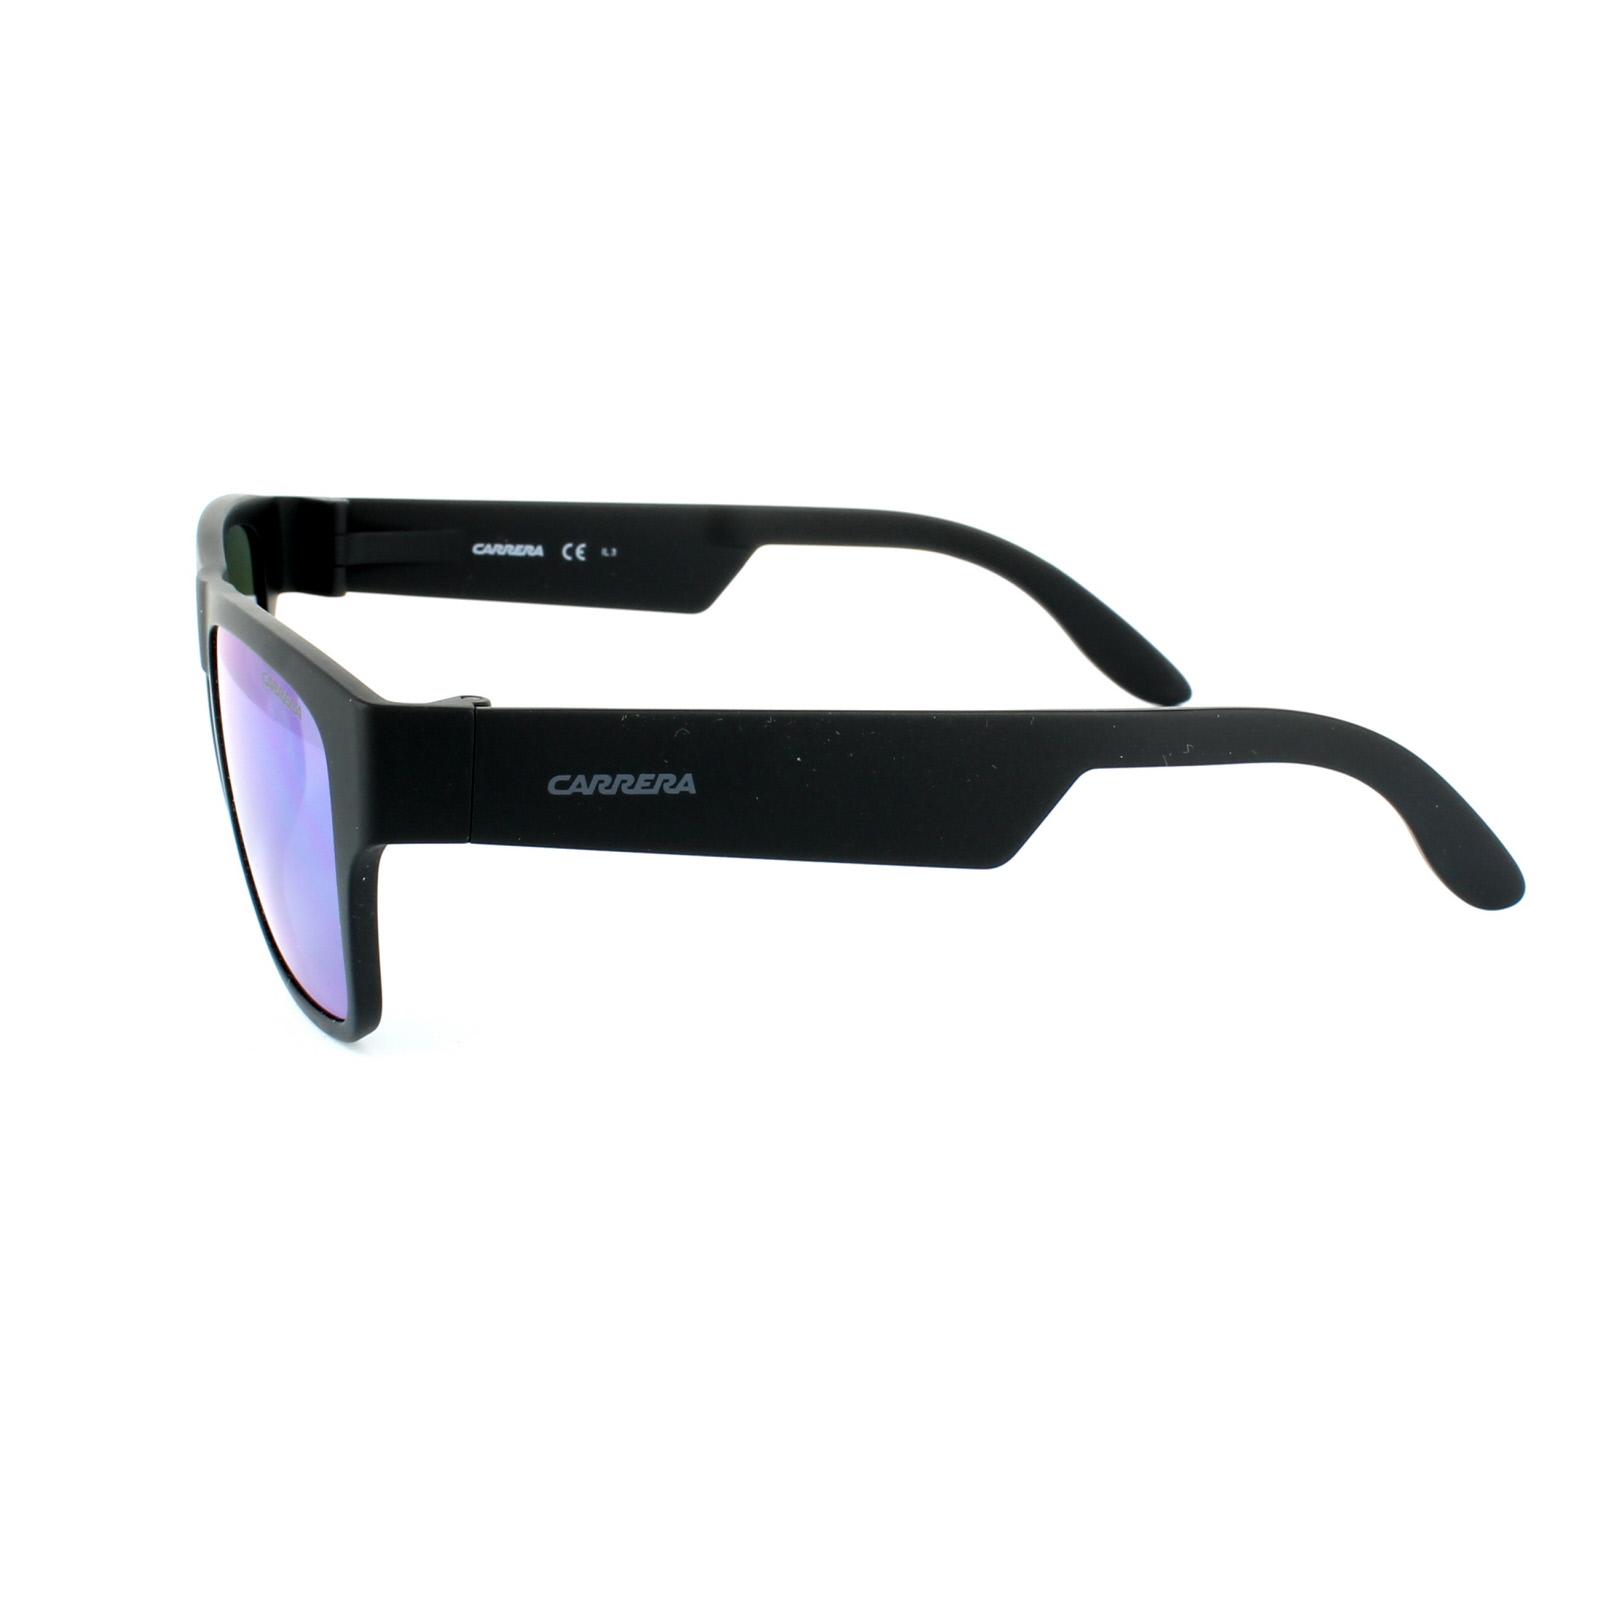 Sentinel Carrera Sunglasses Carrera 5002 ST DL5 Z9 Matt Black Green Mirror 4fb3ef7a5ae3